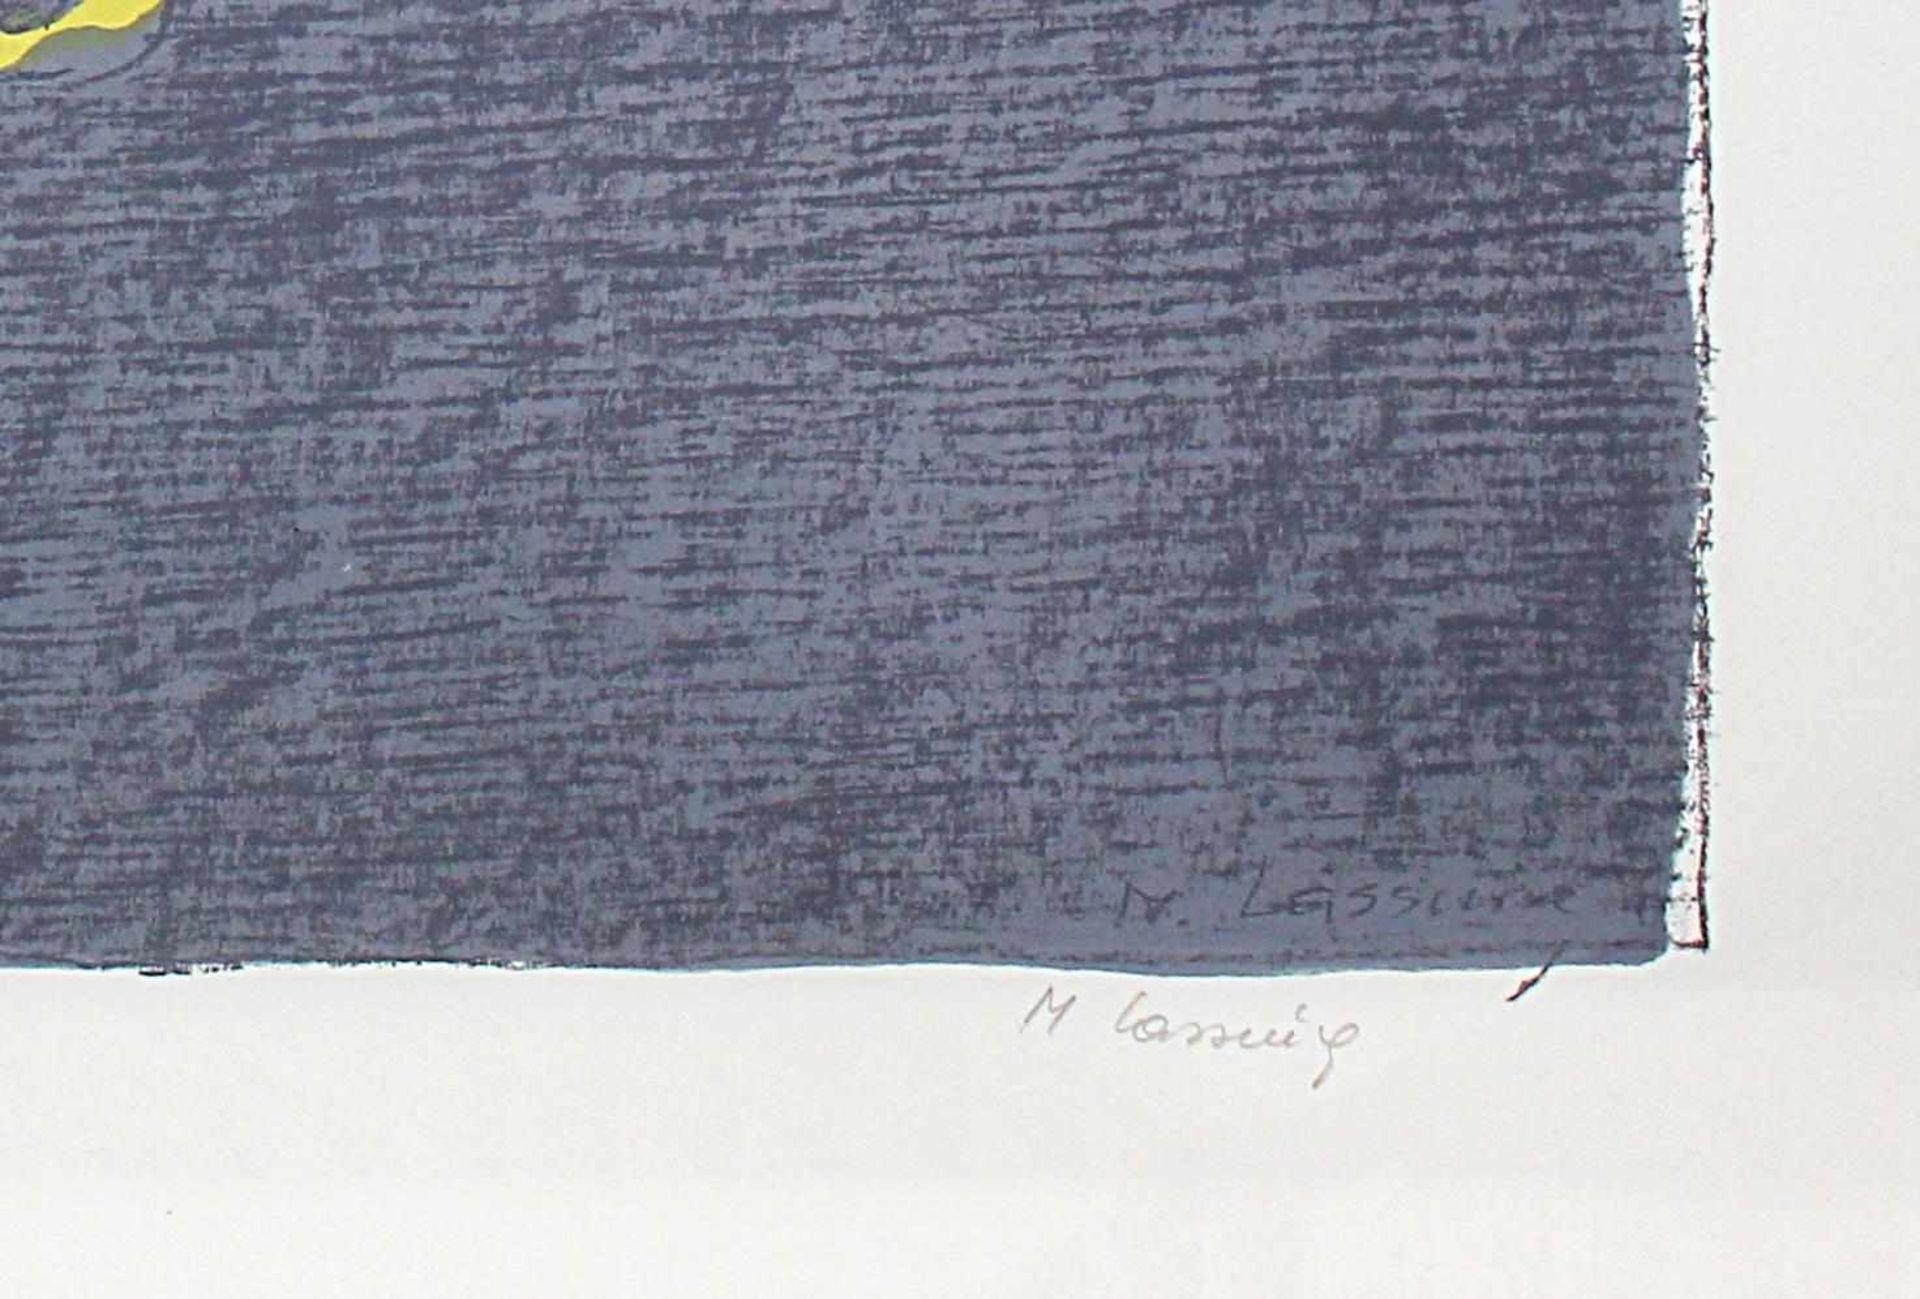 Maria Lassnig 1919-2014 o.T. 1980 Farblithographie handsigniert und nummeriert 65/100 50 x 60 cm - Bild 4 aus 4